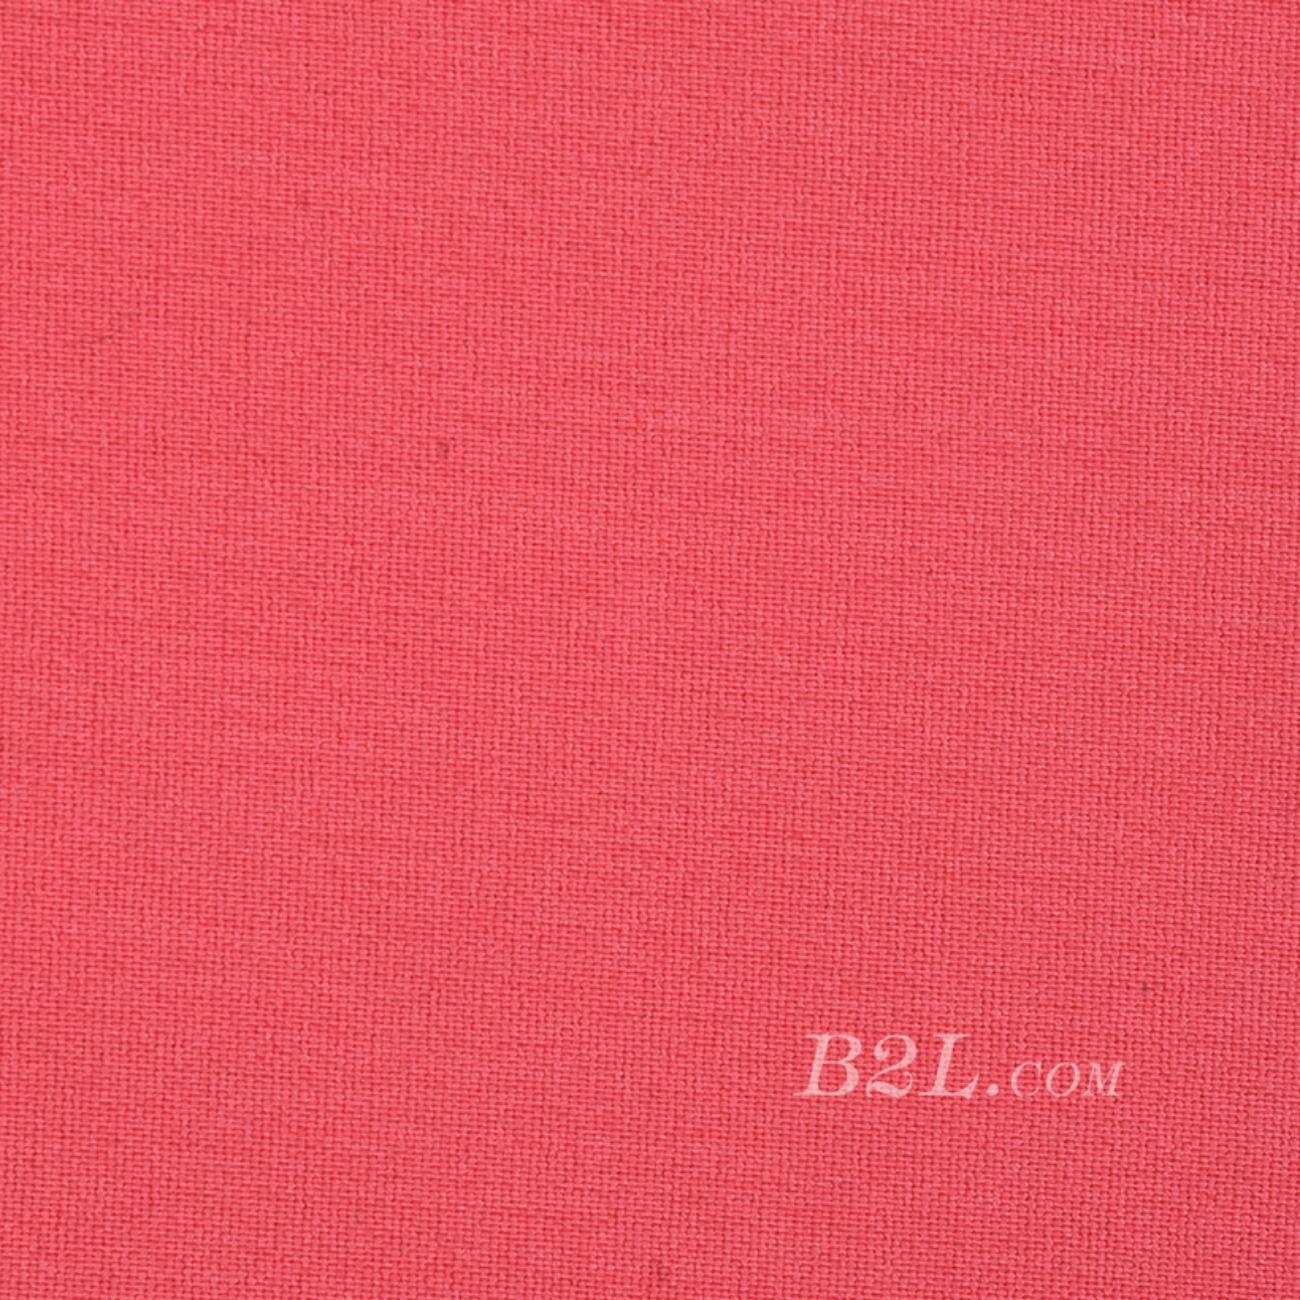 平纹梭织素色染色连衣裙 短裙 衬衫 低弹 春 秋 柔软 70823-11